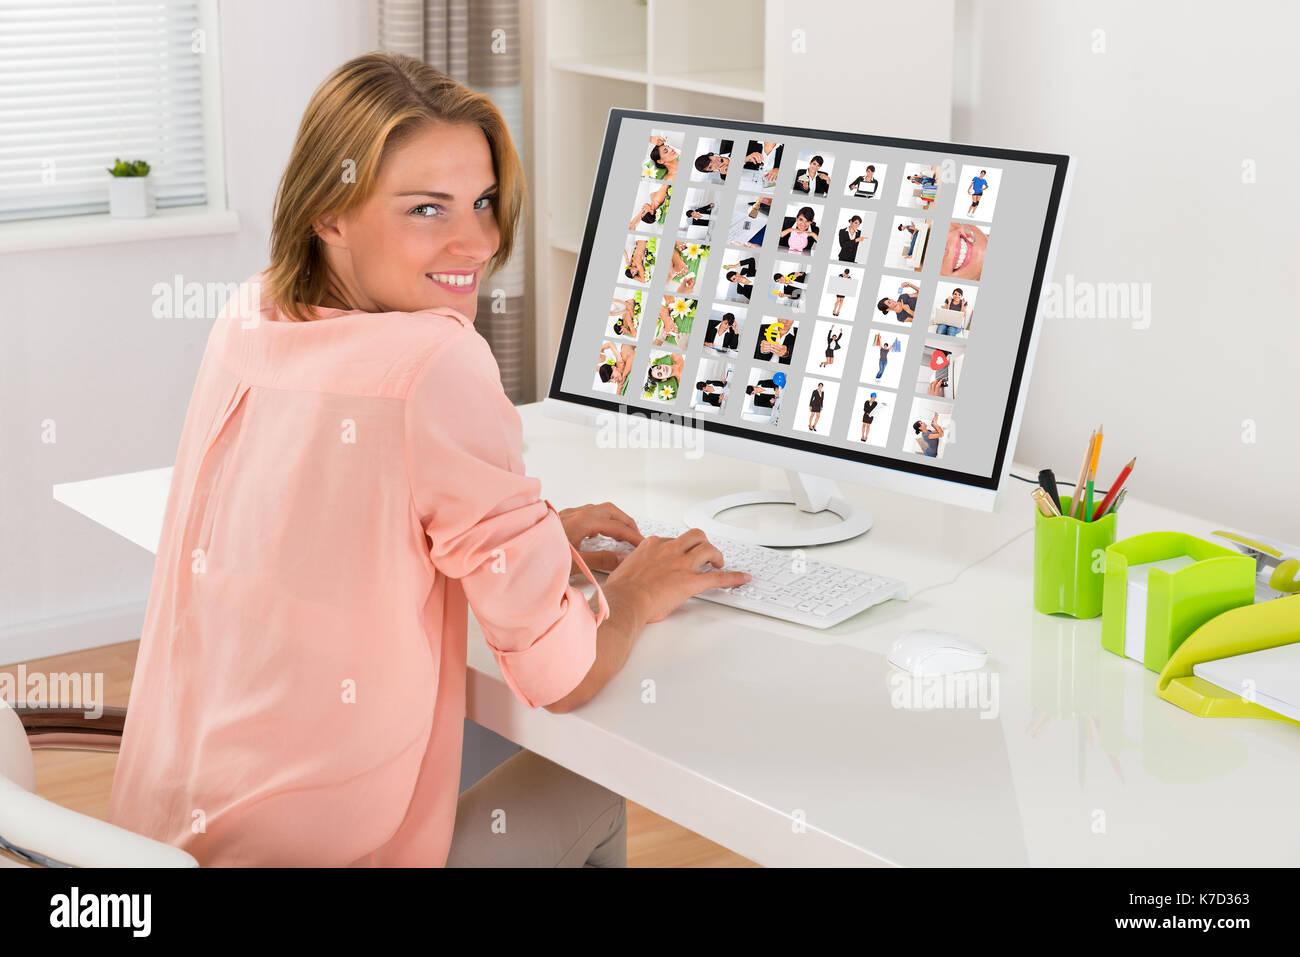 Feliz joven editora trabajar con fotos en el equipo de Office Foto de stock